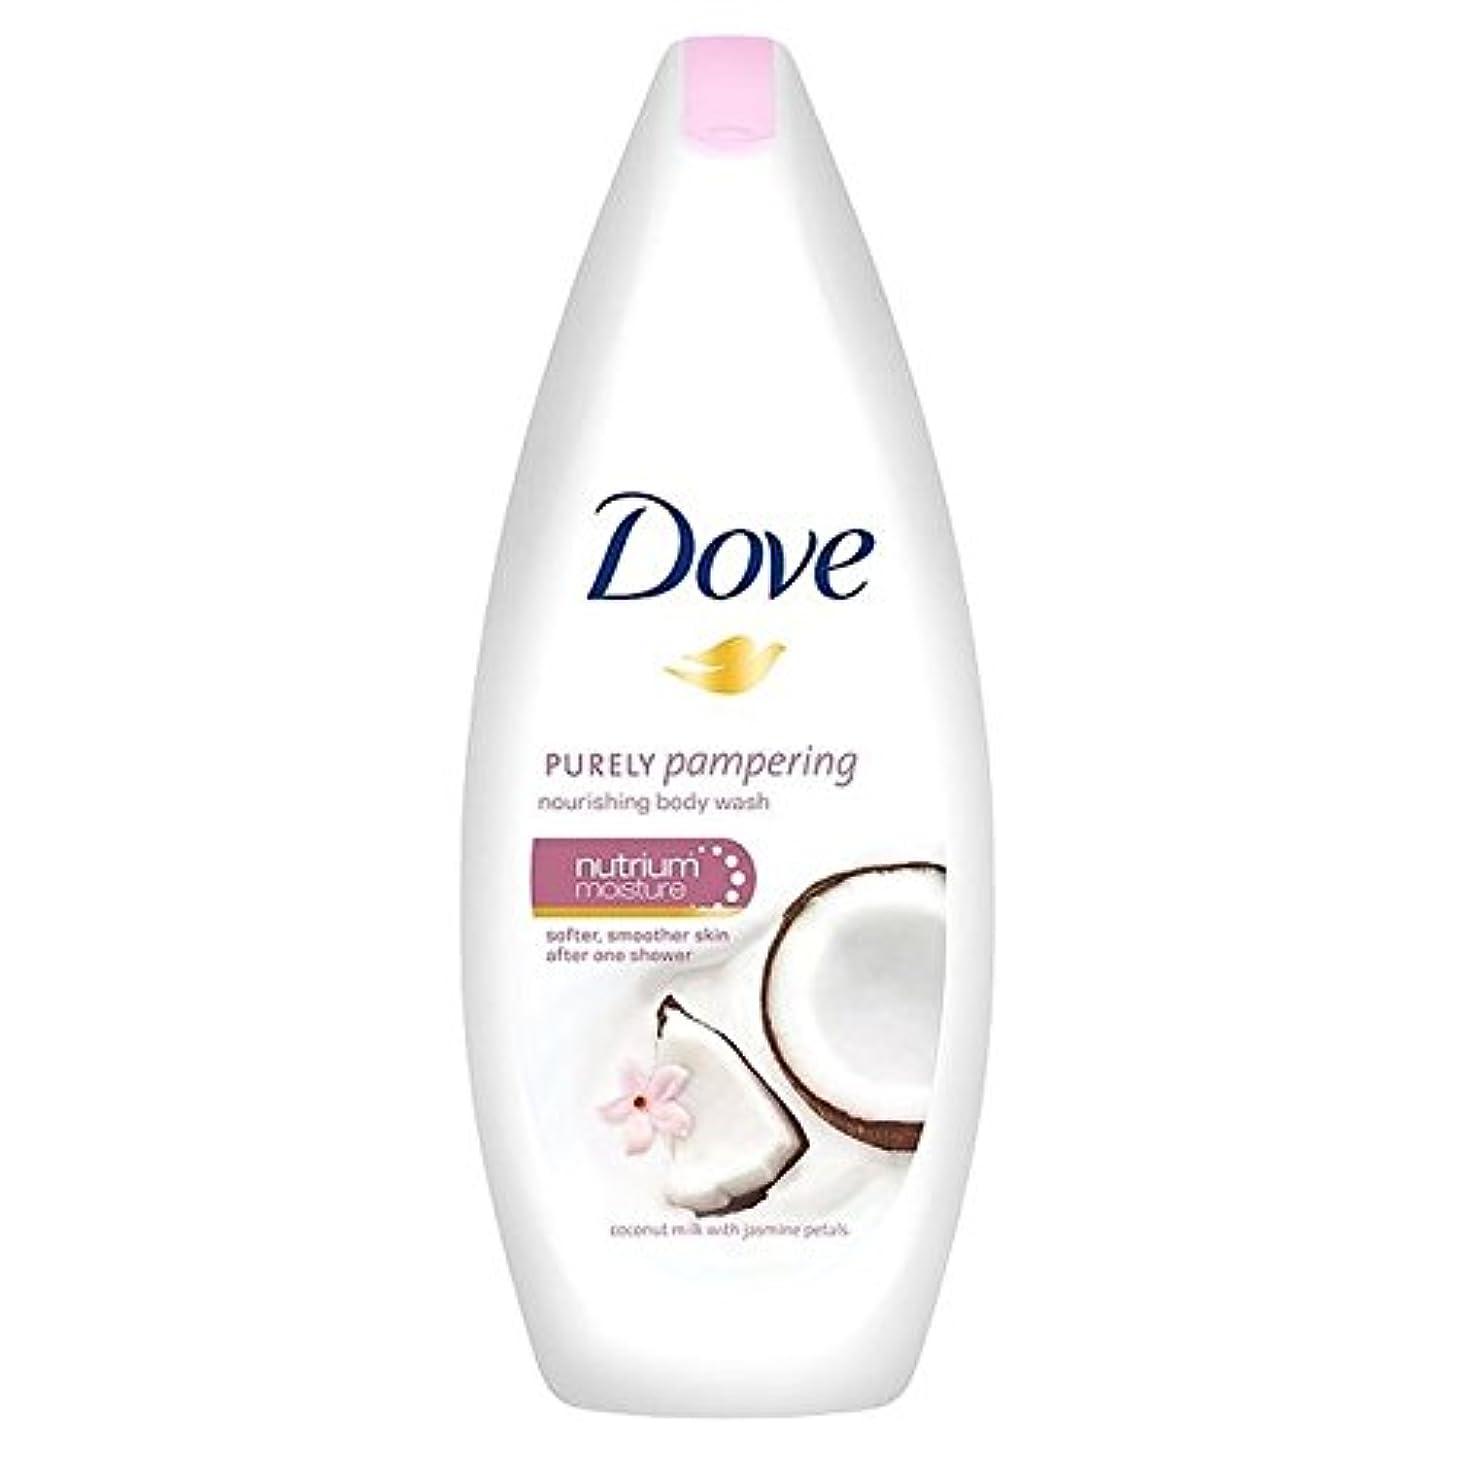 有名人ミネラル原油Dove Purely Pampering Coconut Body Wash 250ml (Pack of 6) - 鳩純粋に甘やかすココナッツボディウォッシュ250ミリリットル x6 [並行輸入品]